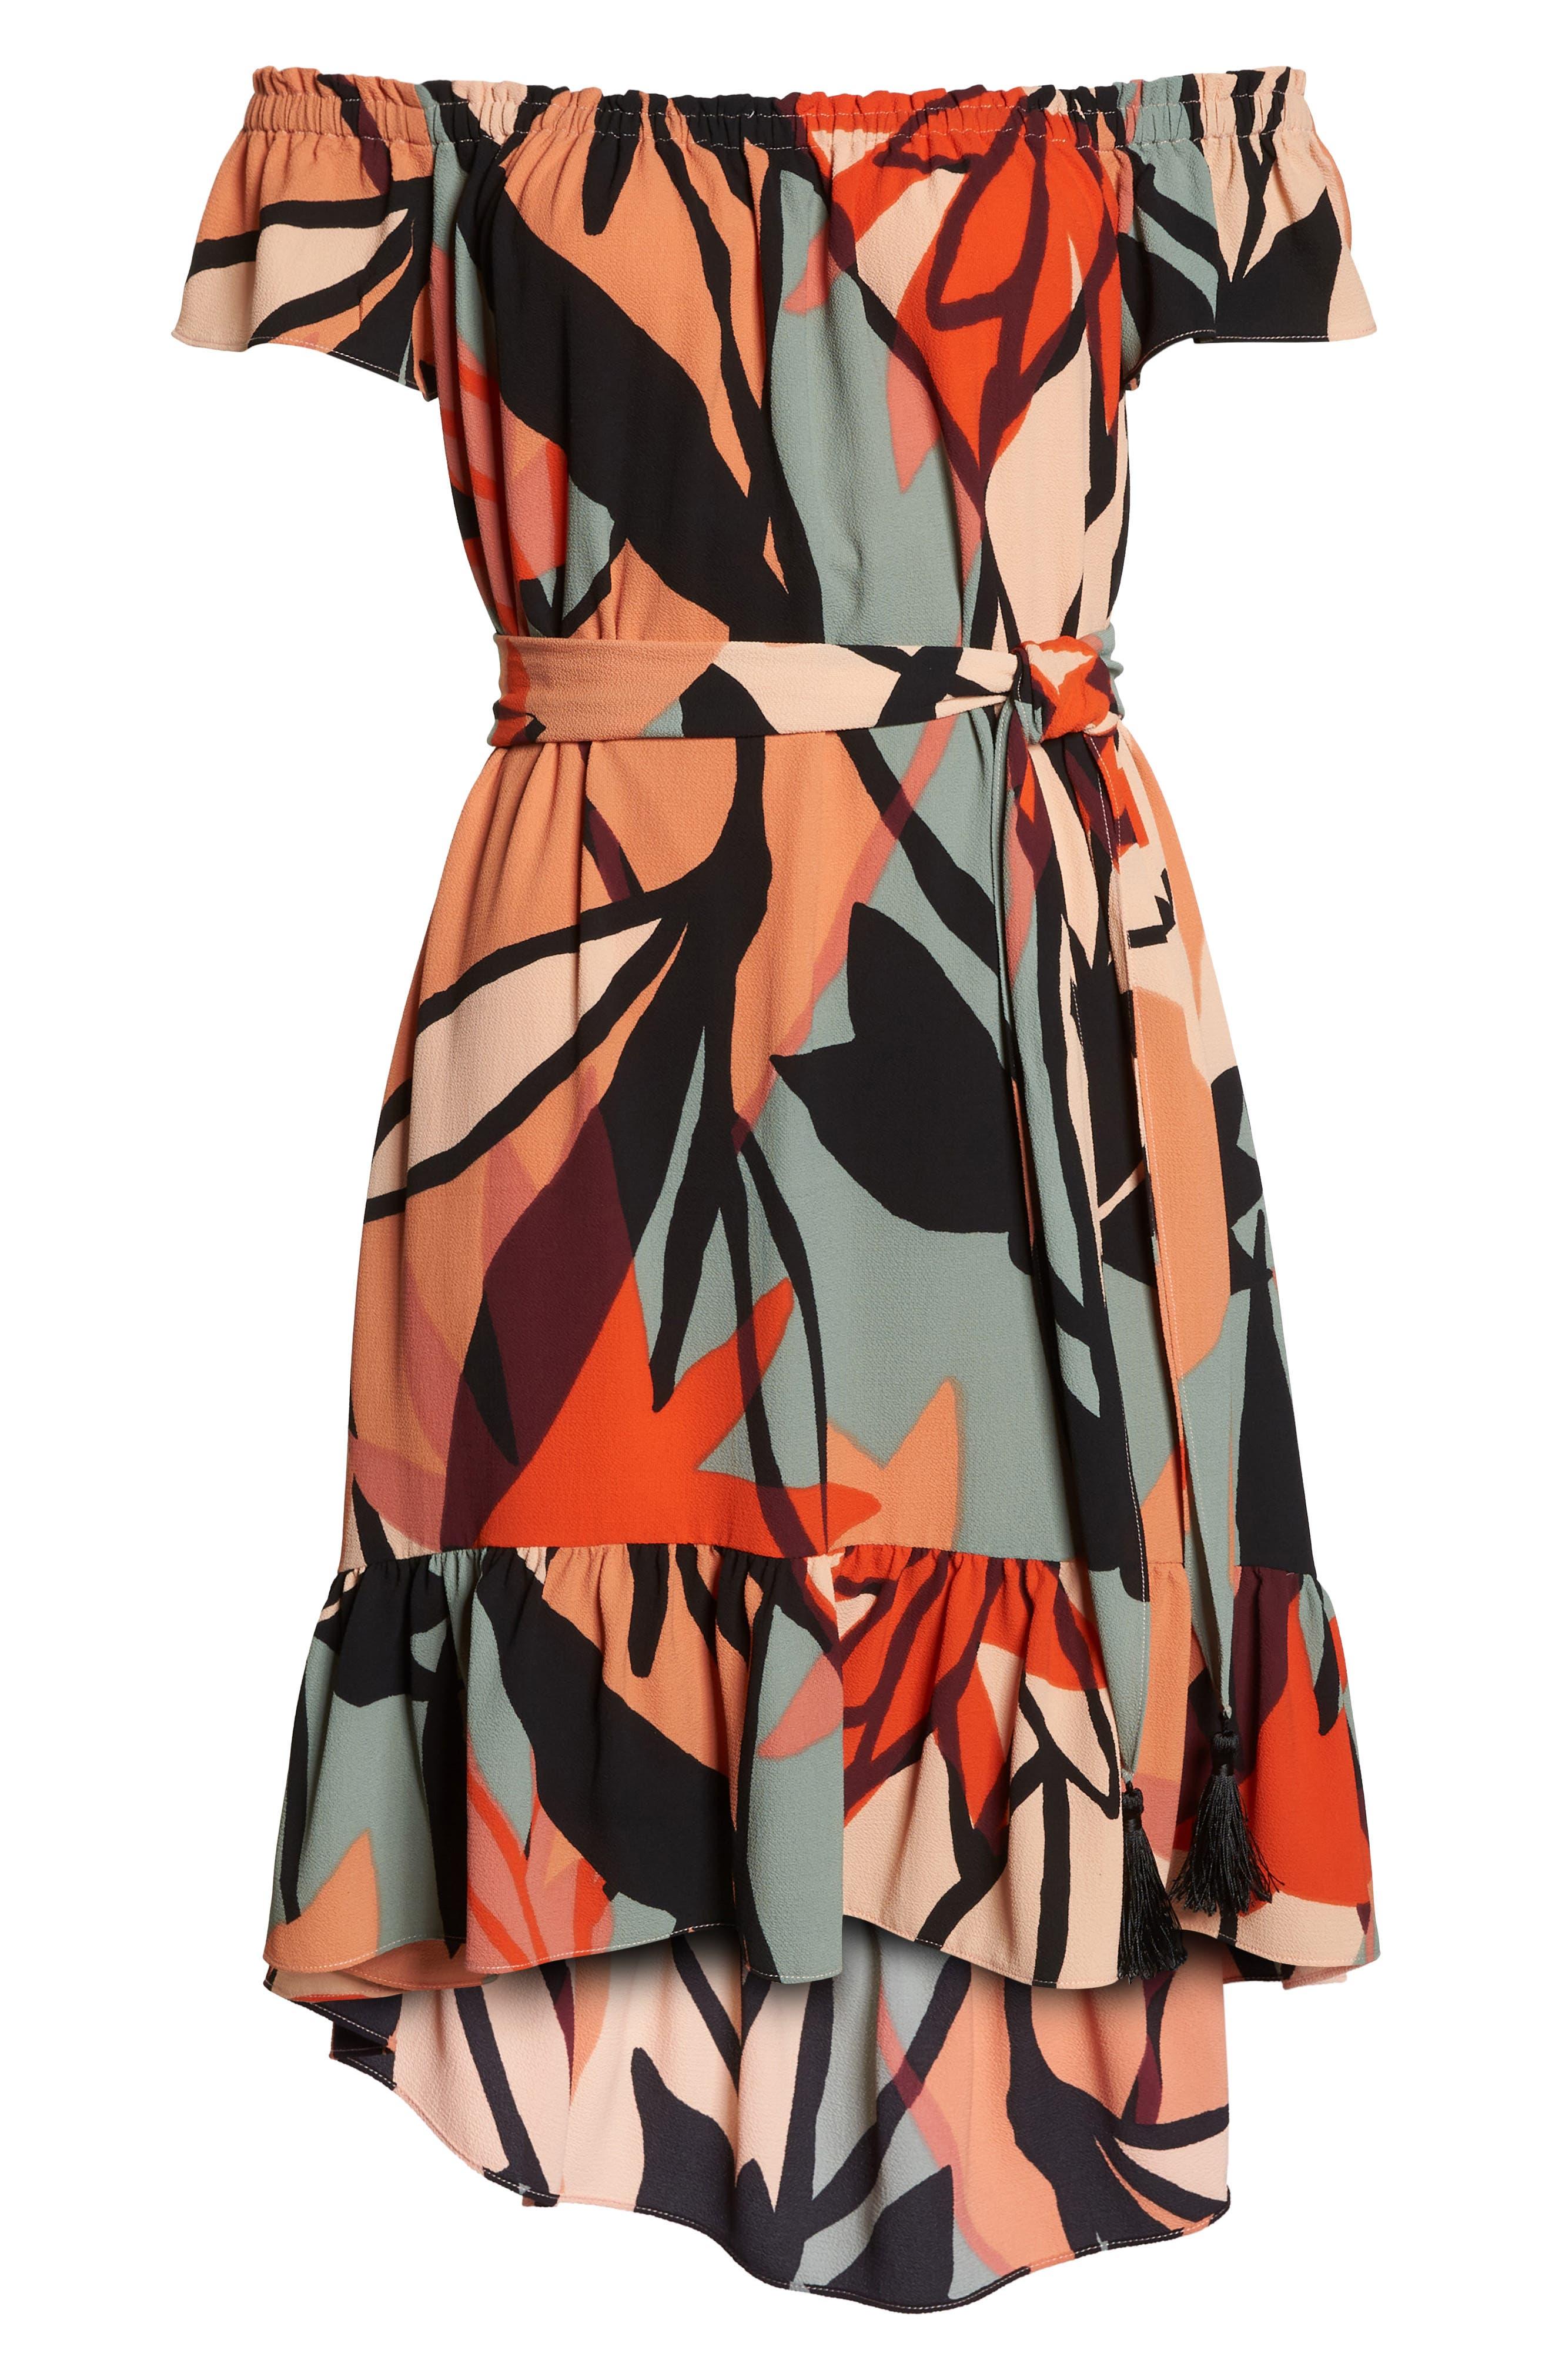 Off the Shoulder Bubble Crepe Dress,                             Alternate thumbnail 7, color,                             Peach / Black